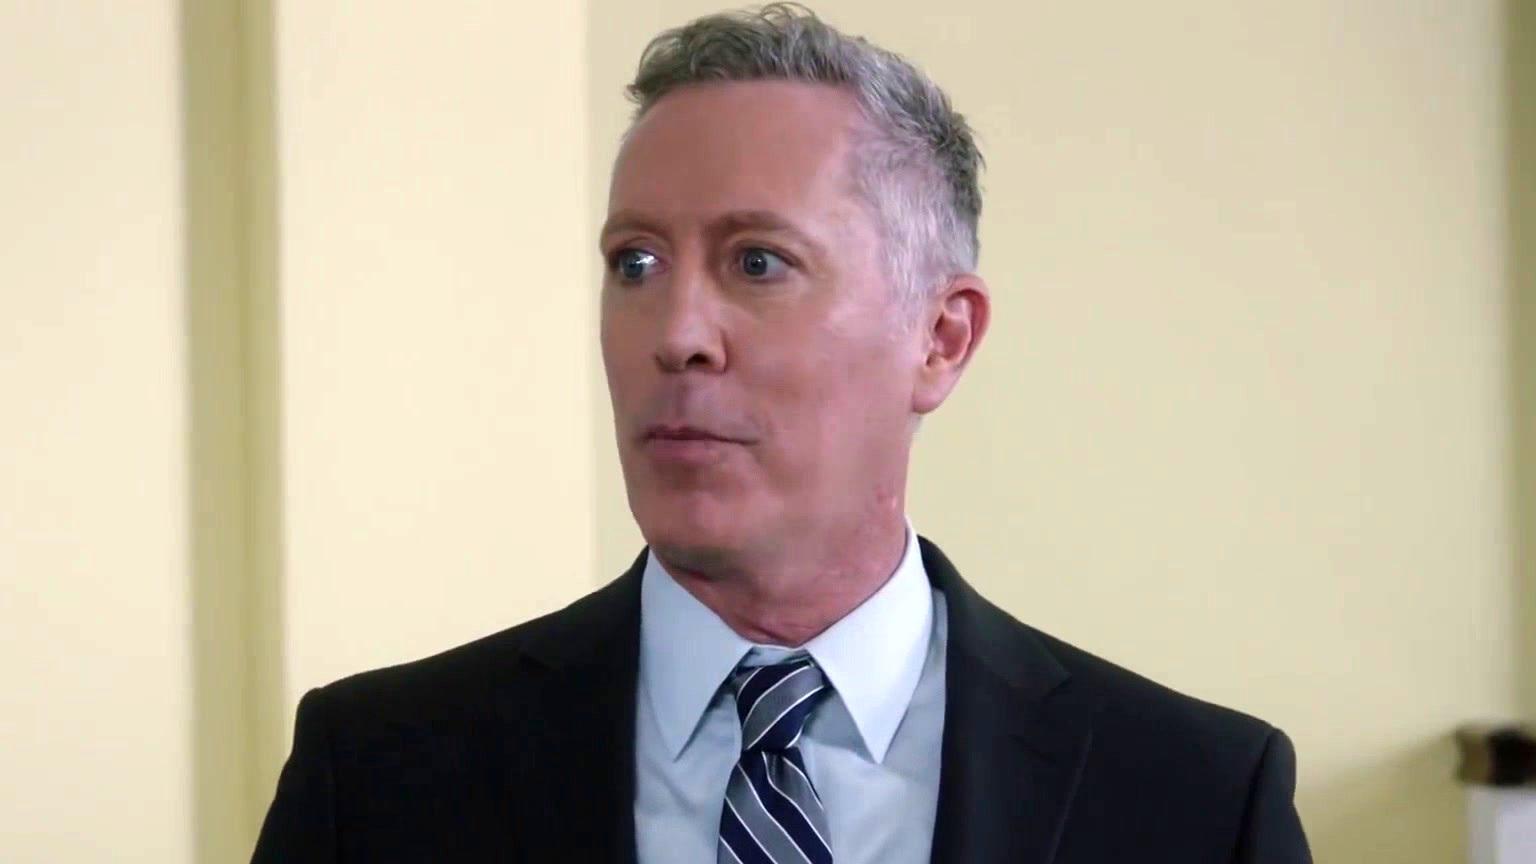 Brooklyn Nine-Nine: Holt's Final Battle With Wuntch